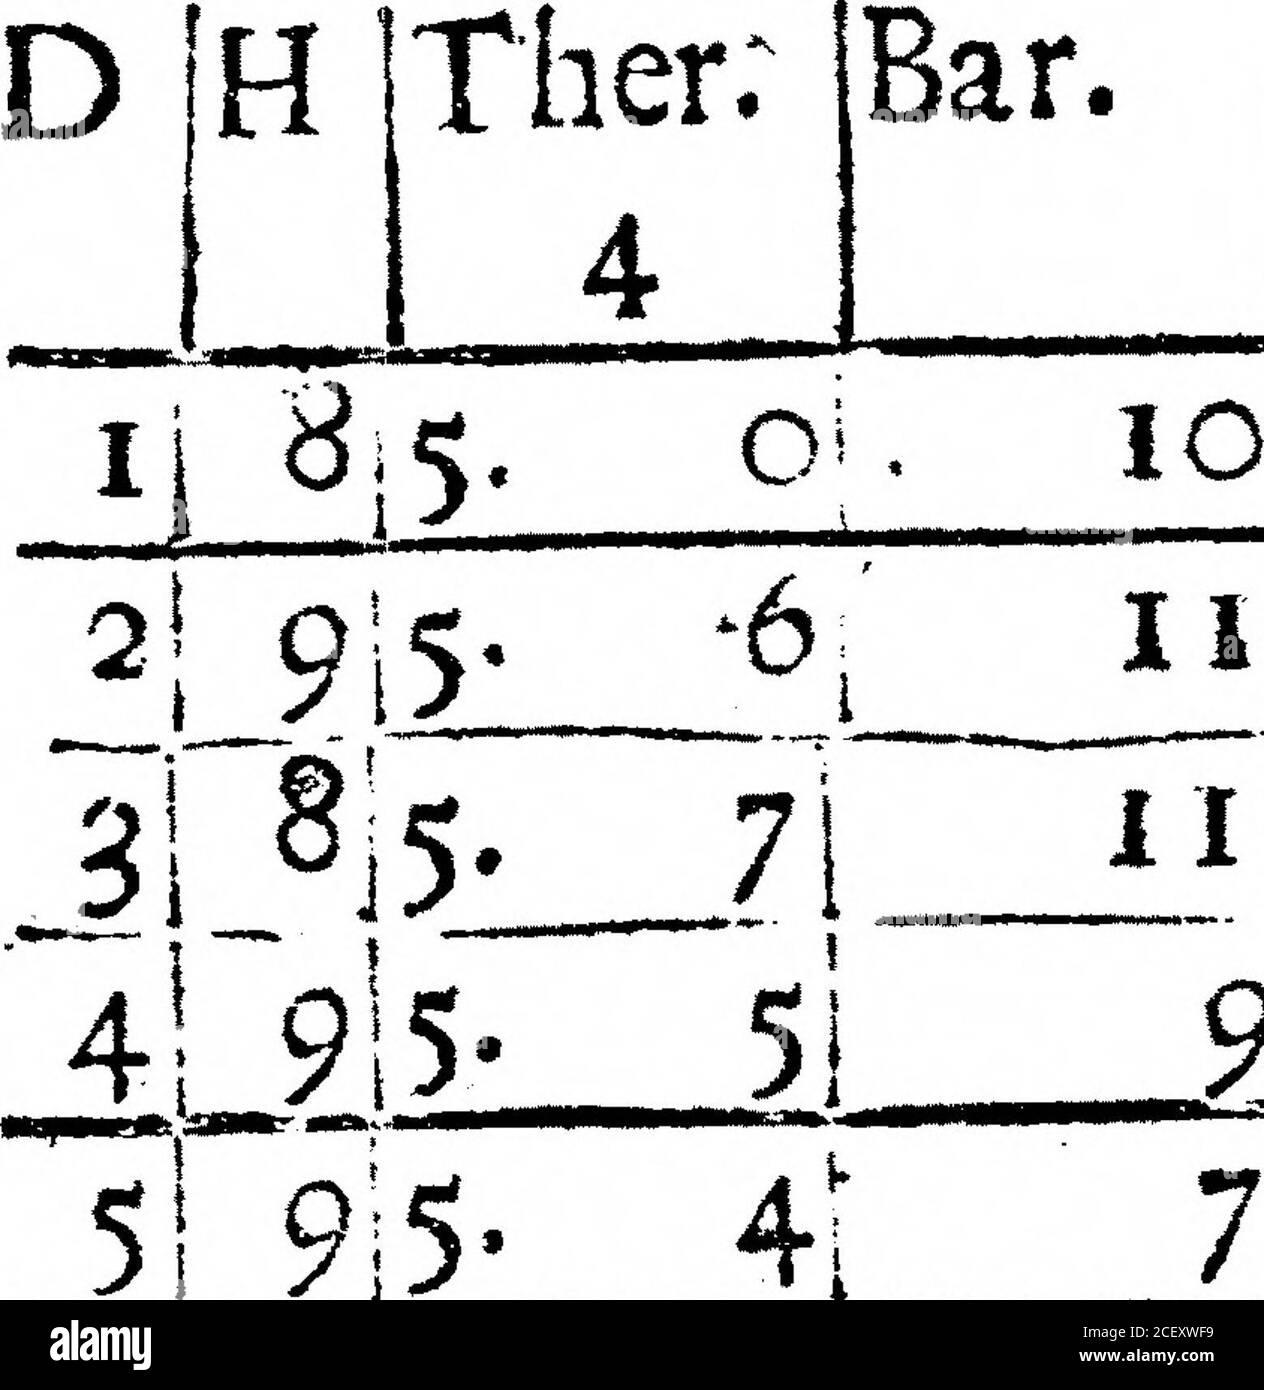 . Un Registro del tiempo para el año 1692, mantenido en Oates en Essex. Por el Sr. John Locke. 7! 95 ;N ijCloady, duro-Froft. Ijbnow m la noche, andiSnow ftill. 33 N 29 9-5. 2I 22 W ijGlofe, Nieves ailafemooo. N. B. I fufpcft que desde el 23d hasta el 29o inclusive-ly, el higrofcope se ha contado 16 grados, i. e. una única terna entera demasiado alta, siendo todo eso mientras muy duro. 3°1 914- 4 NW2lnieve. 3* 915- i 8 I N W1 tela. F Er < IPM ). FEBRVART, 1692.Bar. IB.yg. Viento.jWeather. Febrero de 1692. 19 JW lFog. 111 19 JW 1 Iog. IT] 20 ]w .— • .___ 9 !_: 2!Ciofe. 51 9;5 7j 26 JE3 iClole5nieve en el Foto de stock